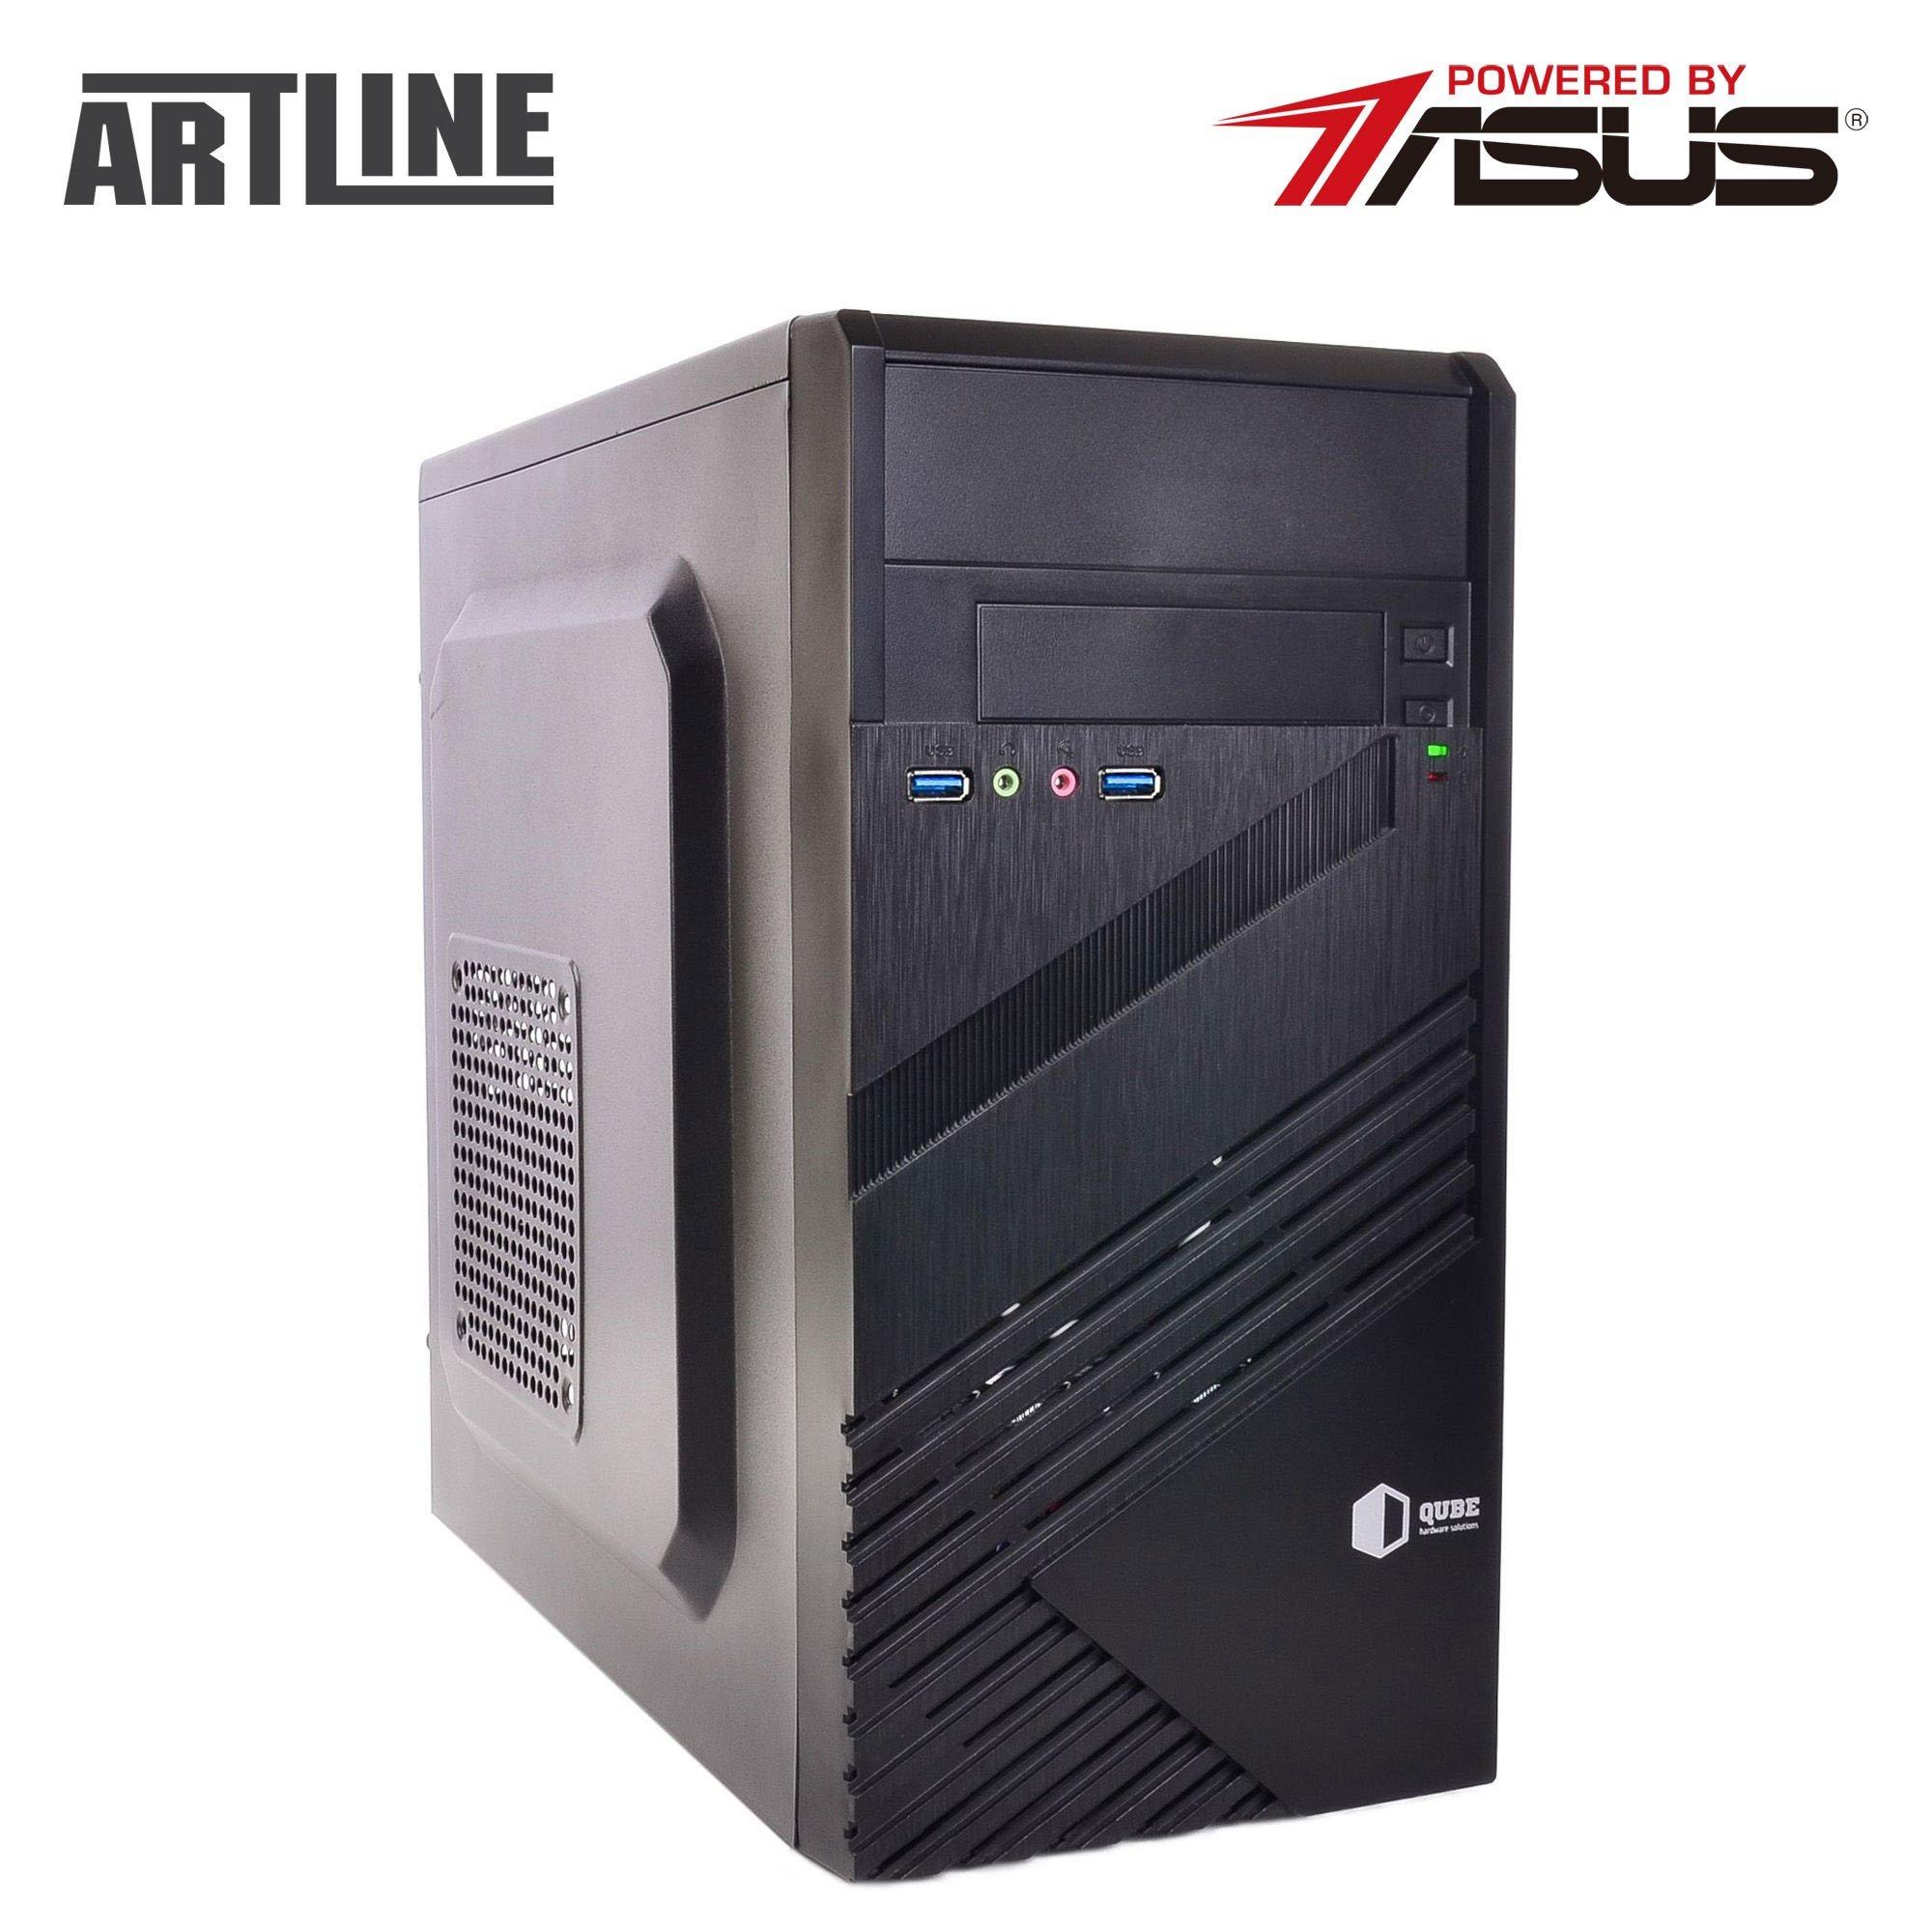 ARTLINE / Home H53 (H53v05)